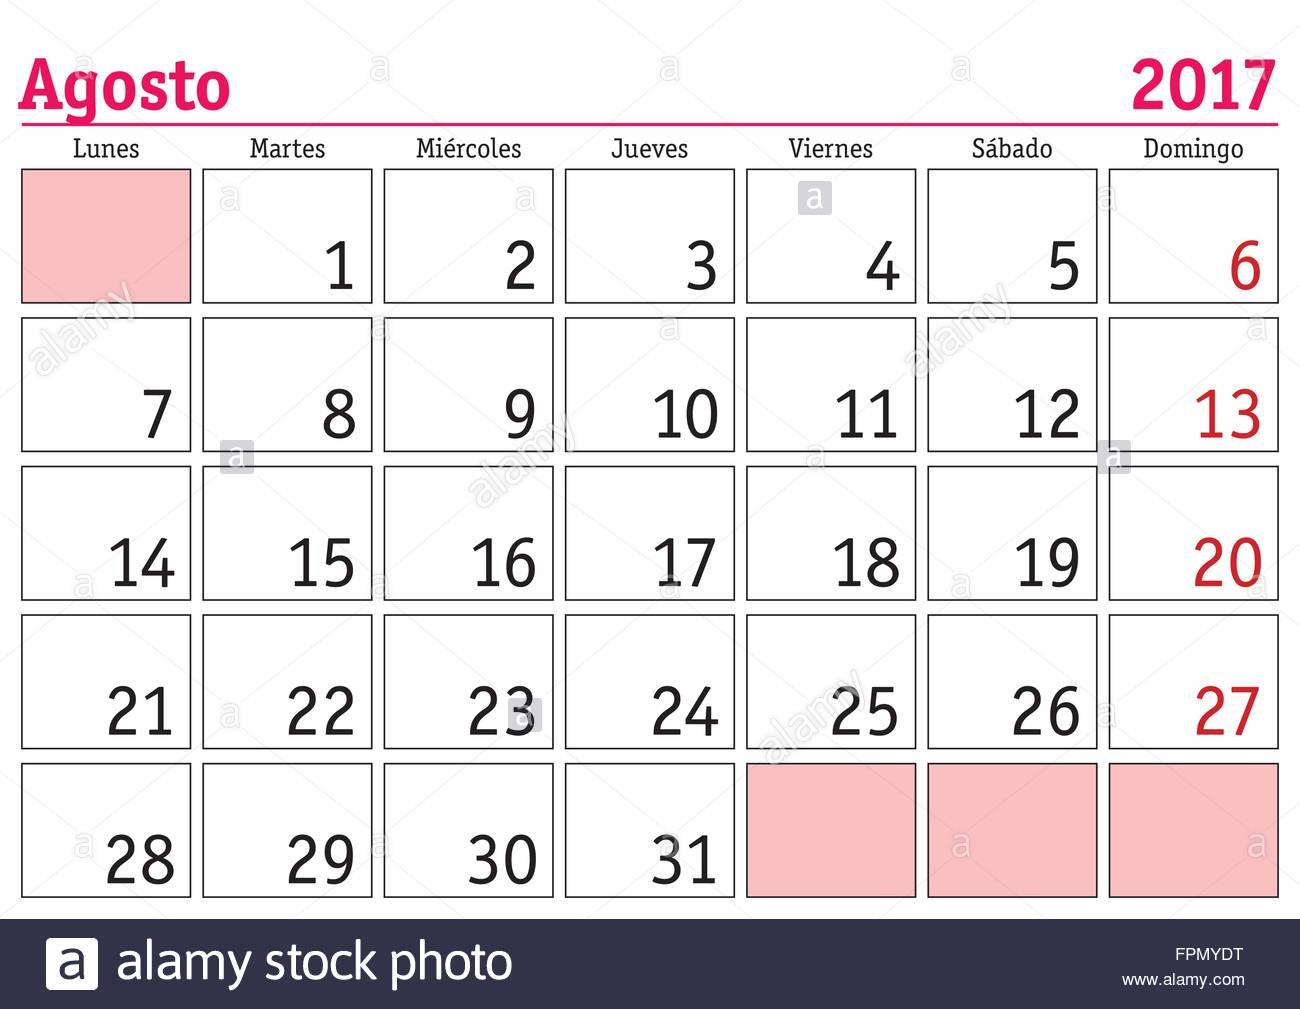 Calendario Anno 2017.Il Mese Di Agosto In Un Anno 2017 Calendario Da Parete In